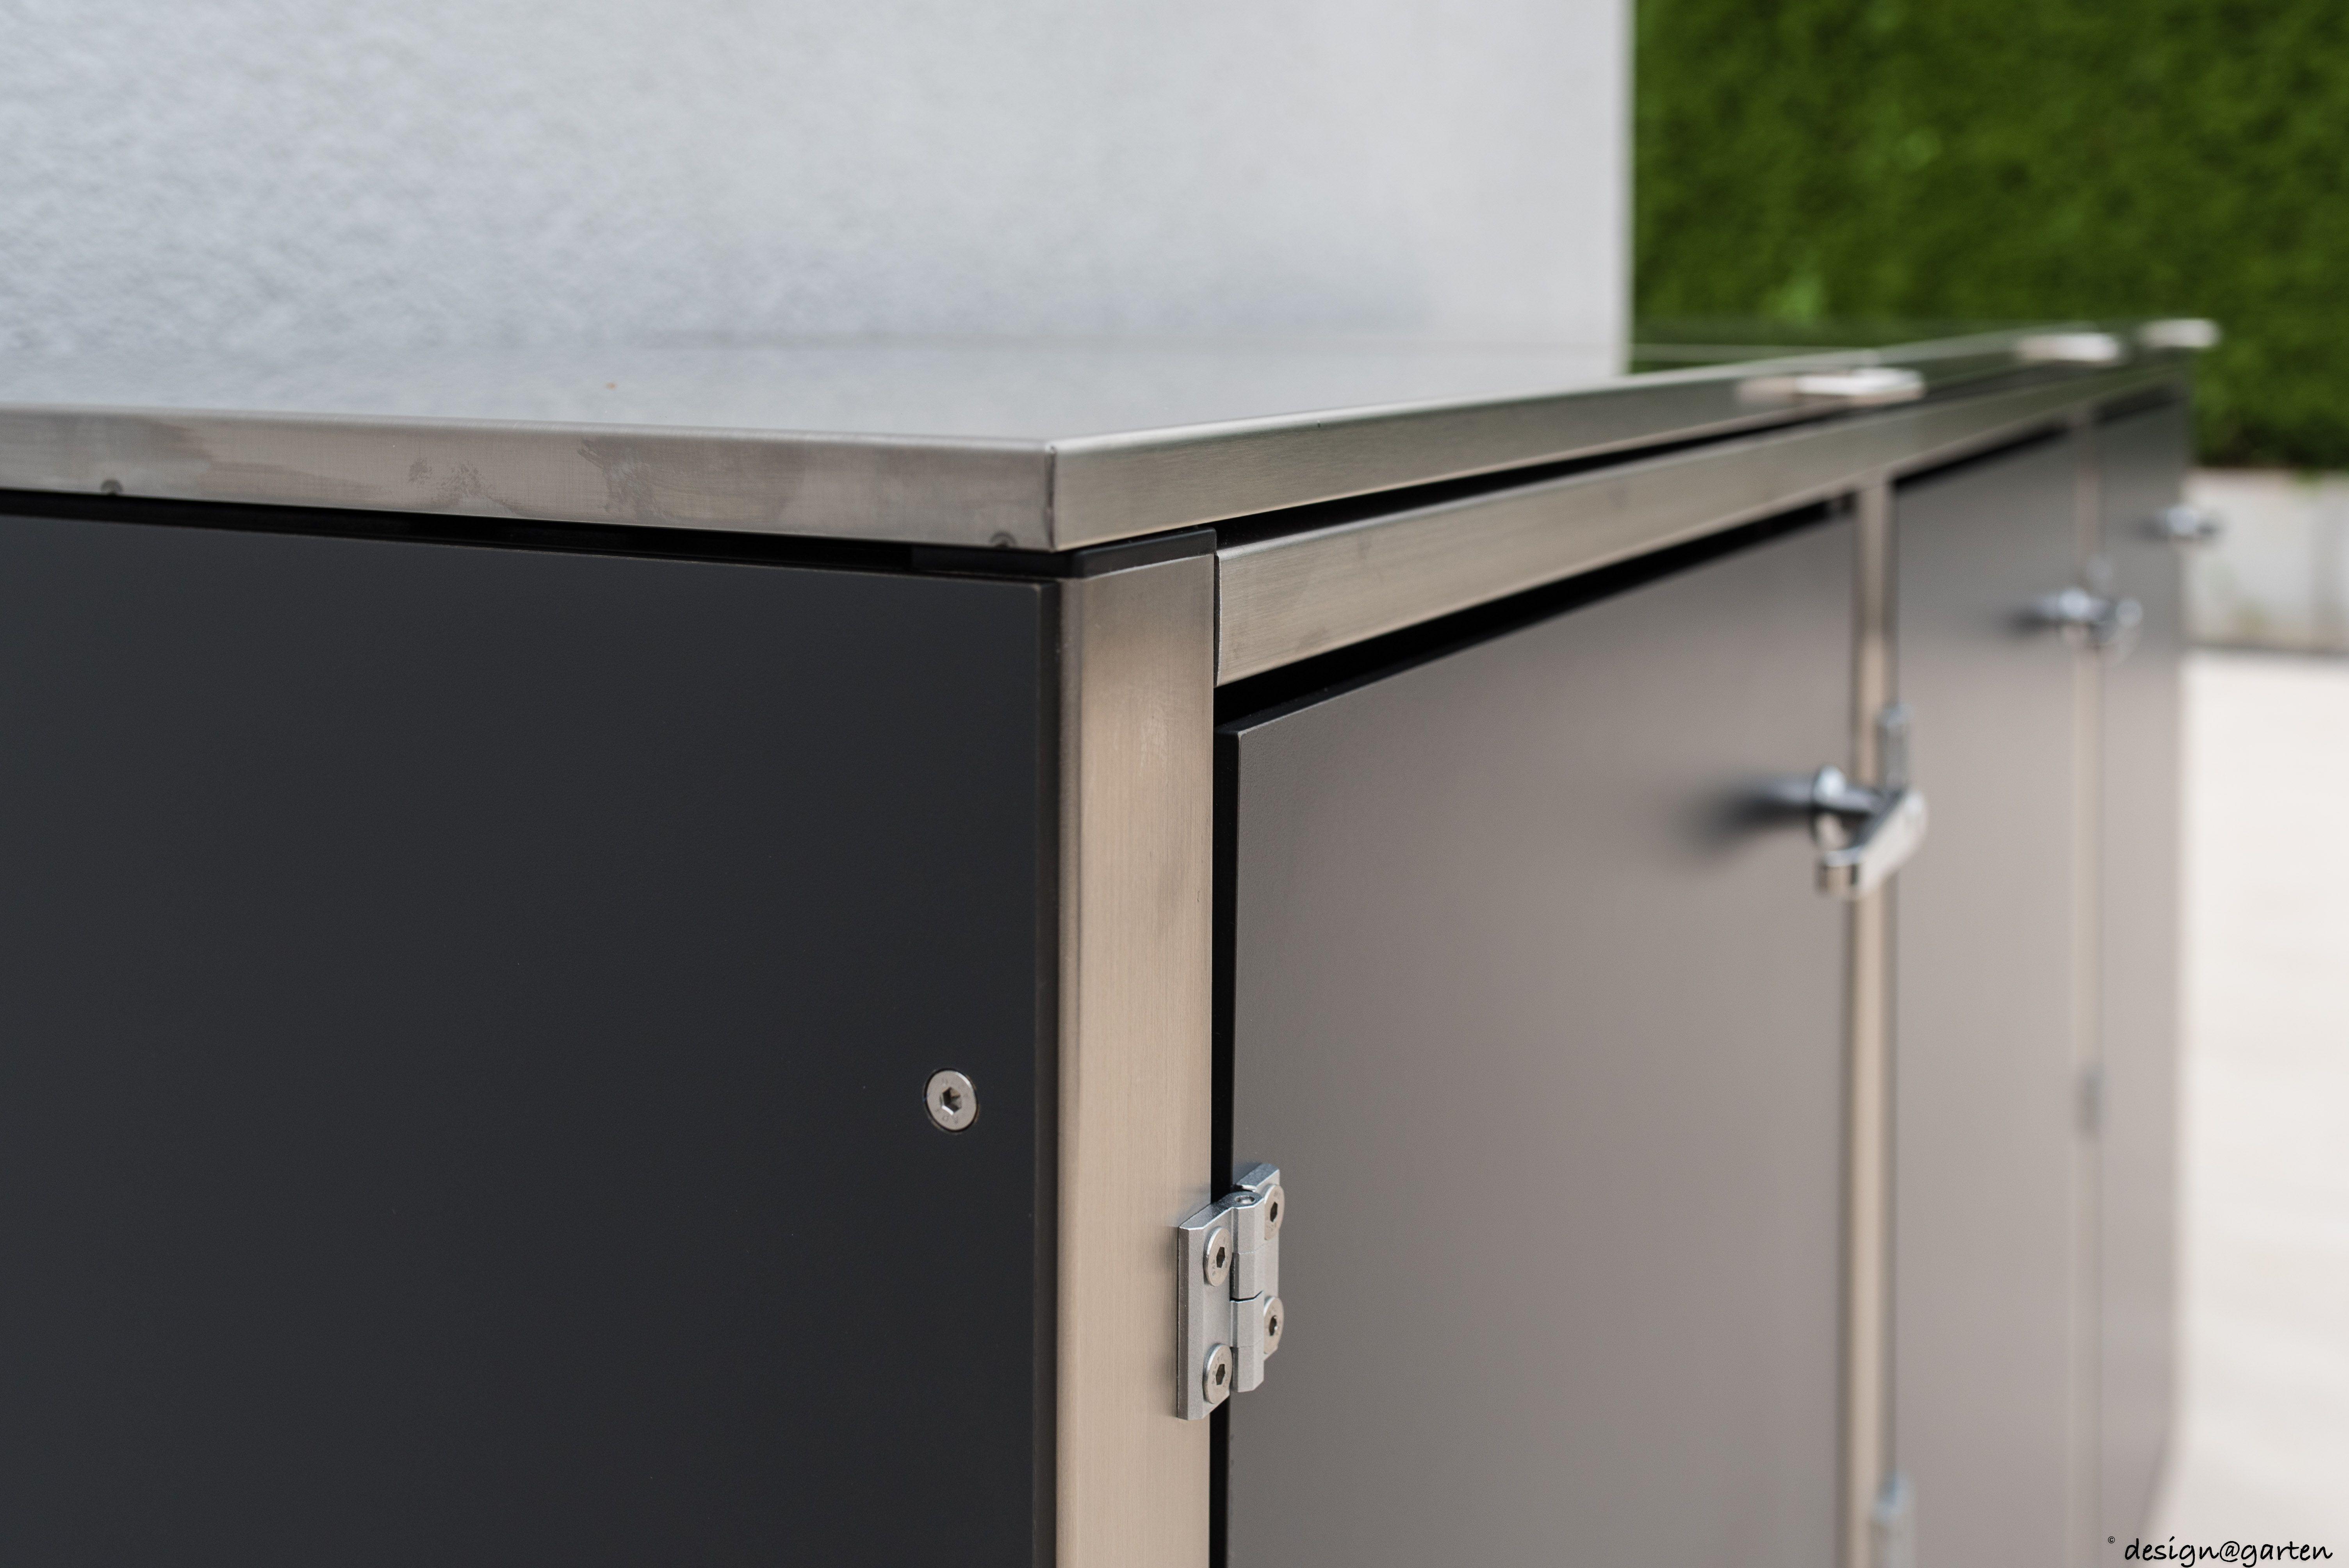 mülltonnenverkleidung (@)boxx by design@garten, augsburg-germany